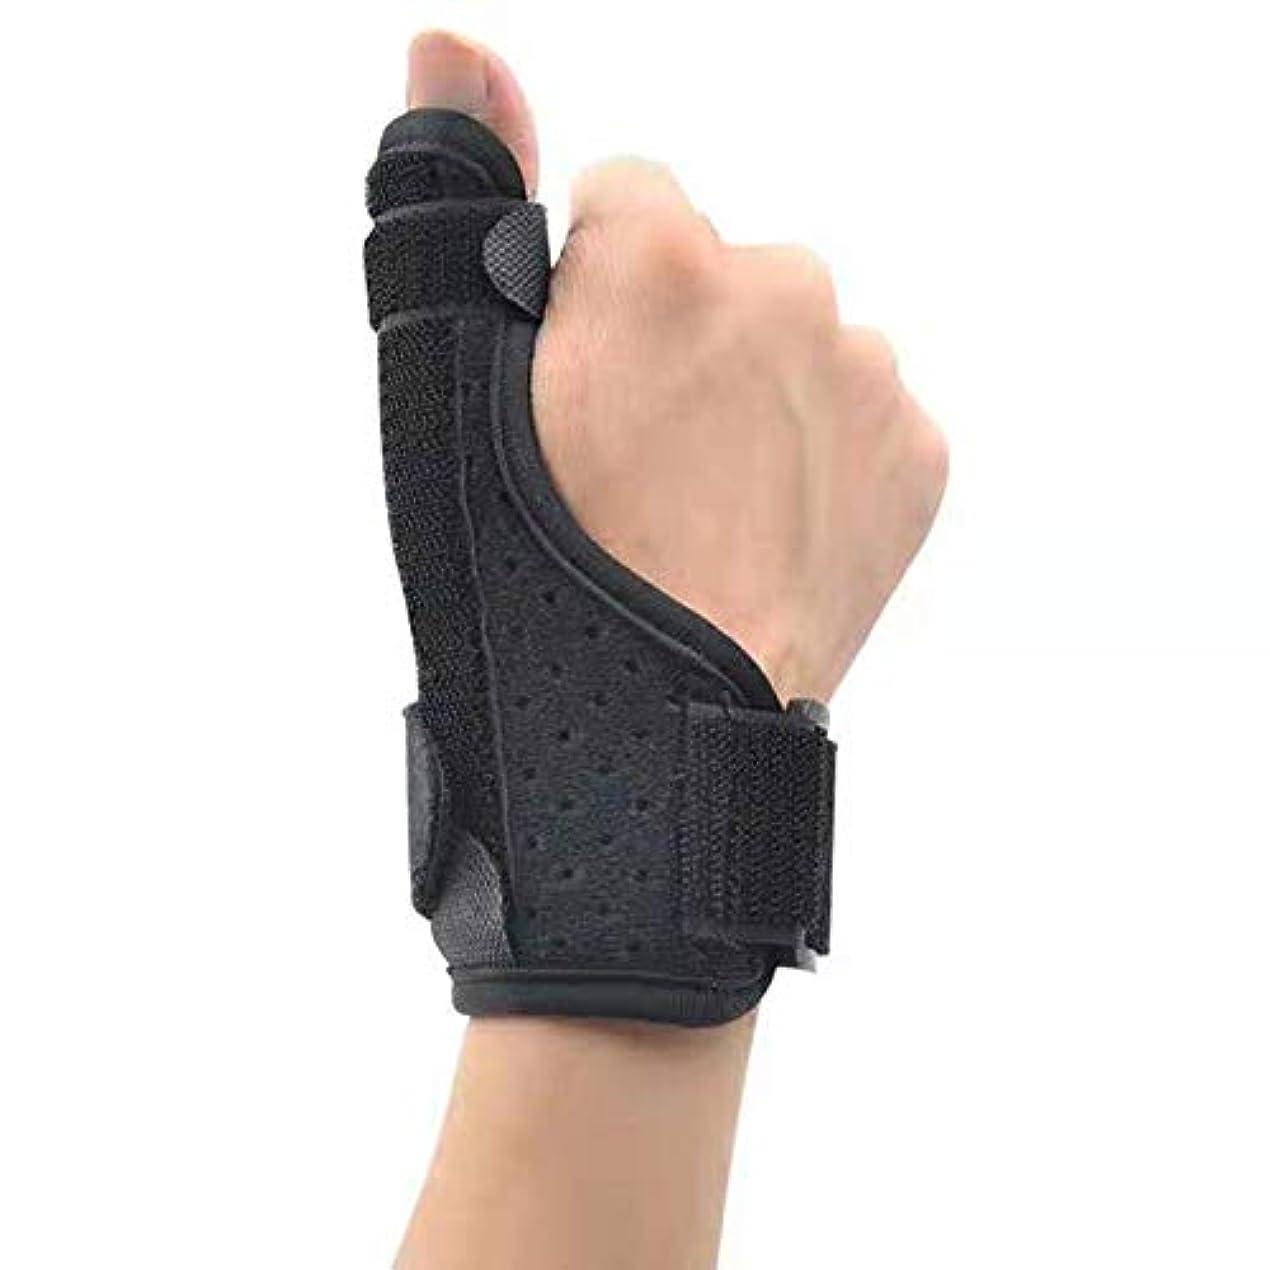 思い出させるパーチナシティバナナ腱鞘炎トリガー手根管人の女性のために修正された唯一の1個手首のサポートサムスプリント手首ブレース指アーマー親指捻挫破壊